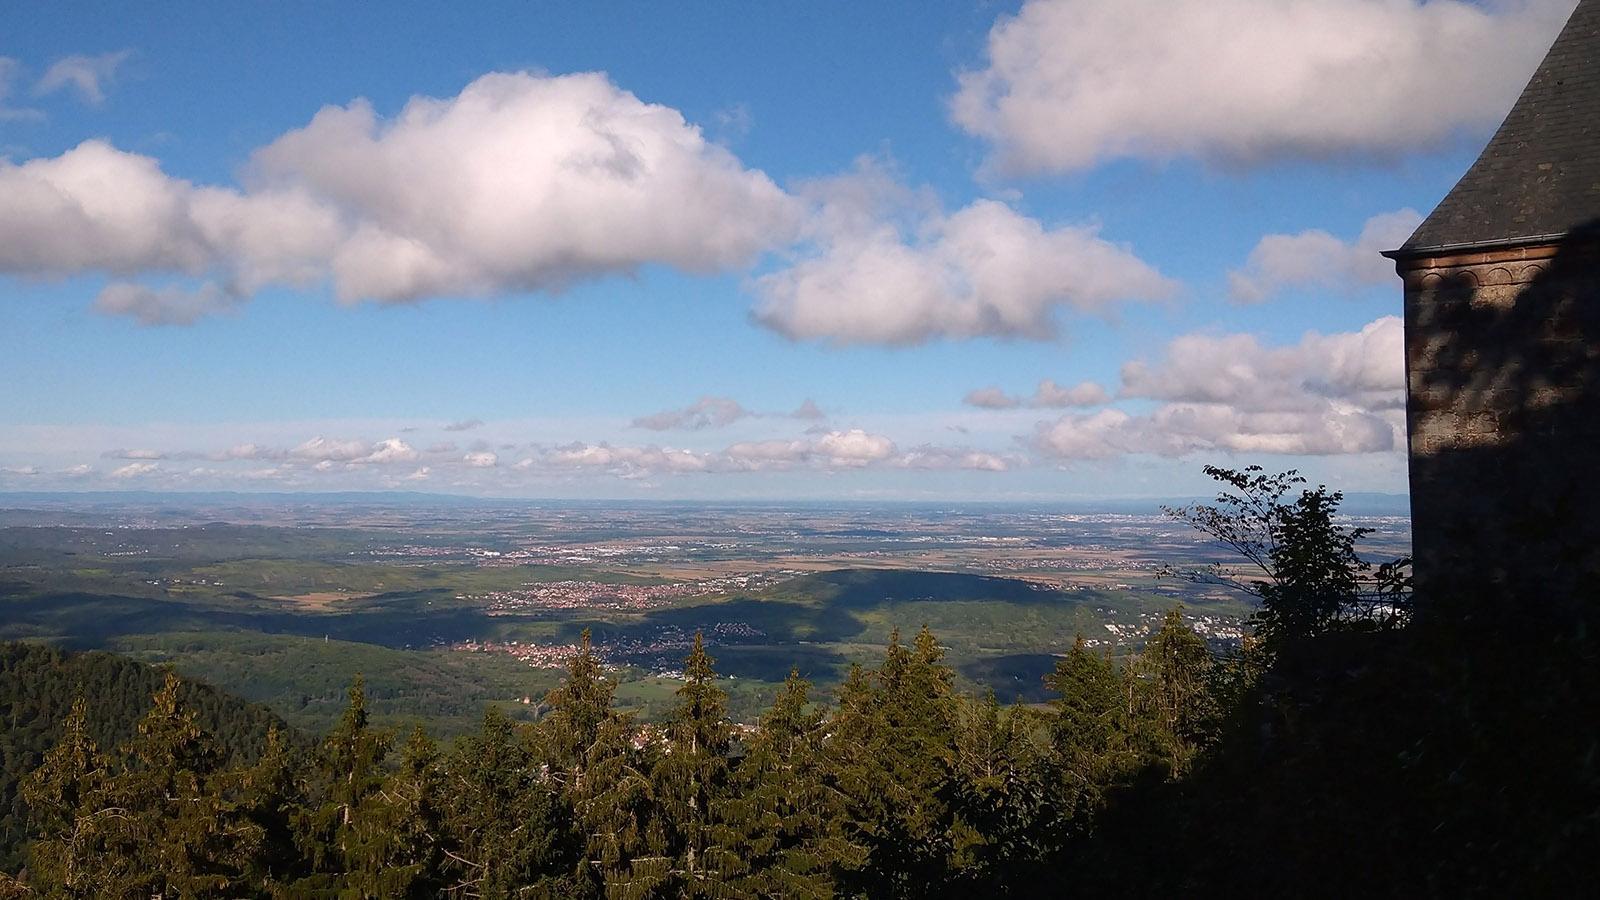 Die Elsässer Rheinebene, vom Kloster Odilienberg in nördlicher Richtung gesehen. Foto: Renate Dietzel